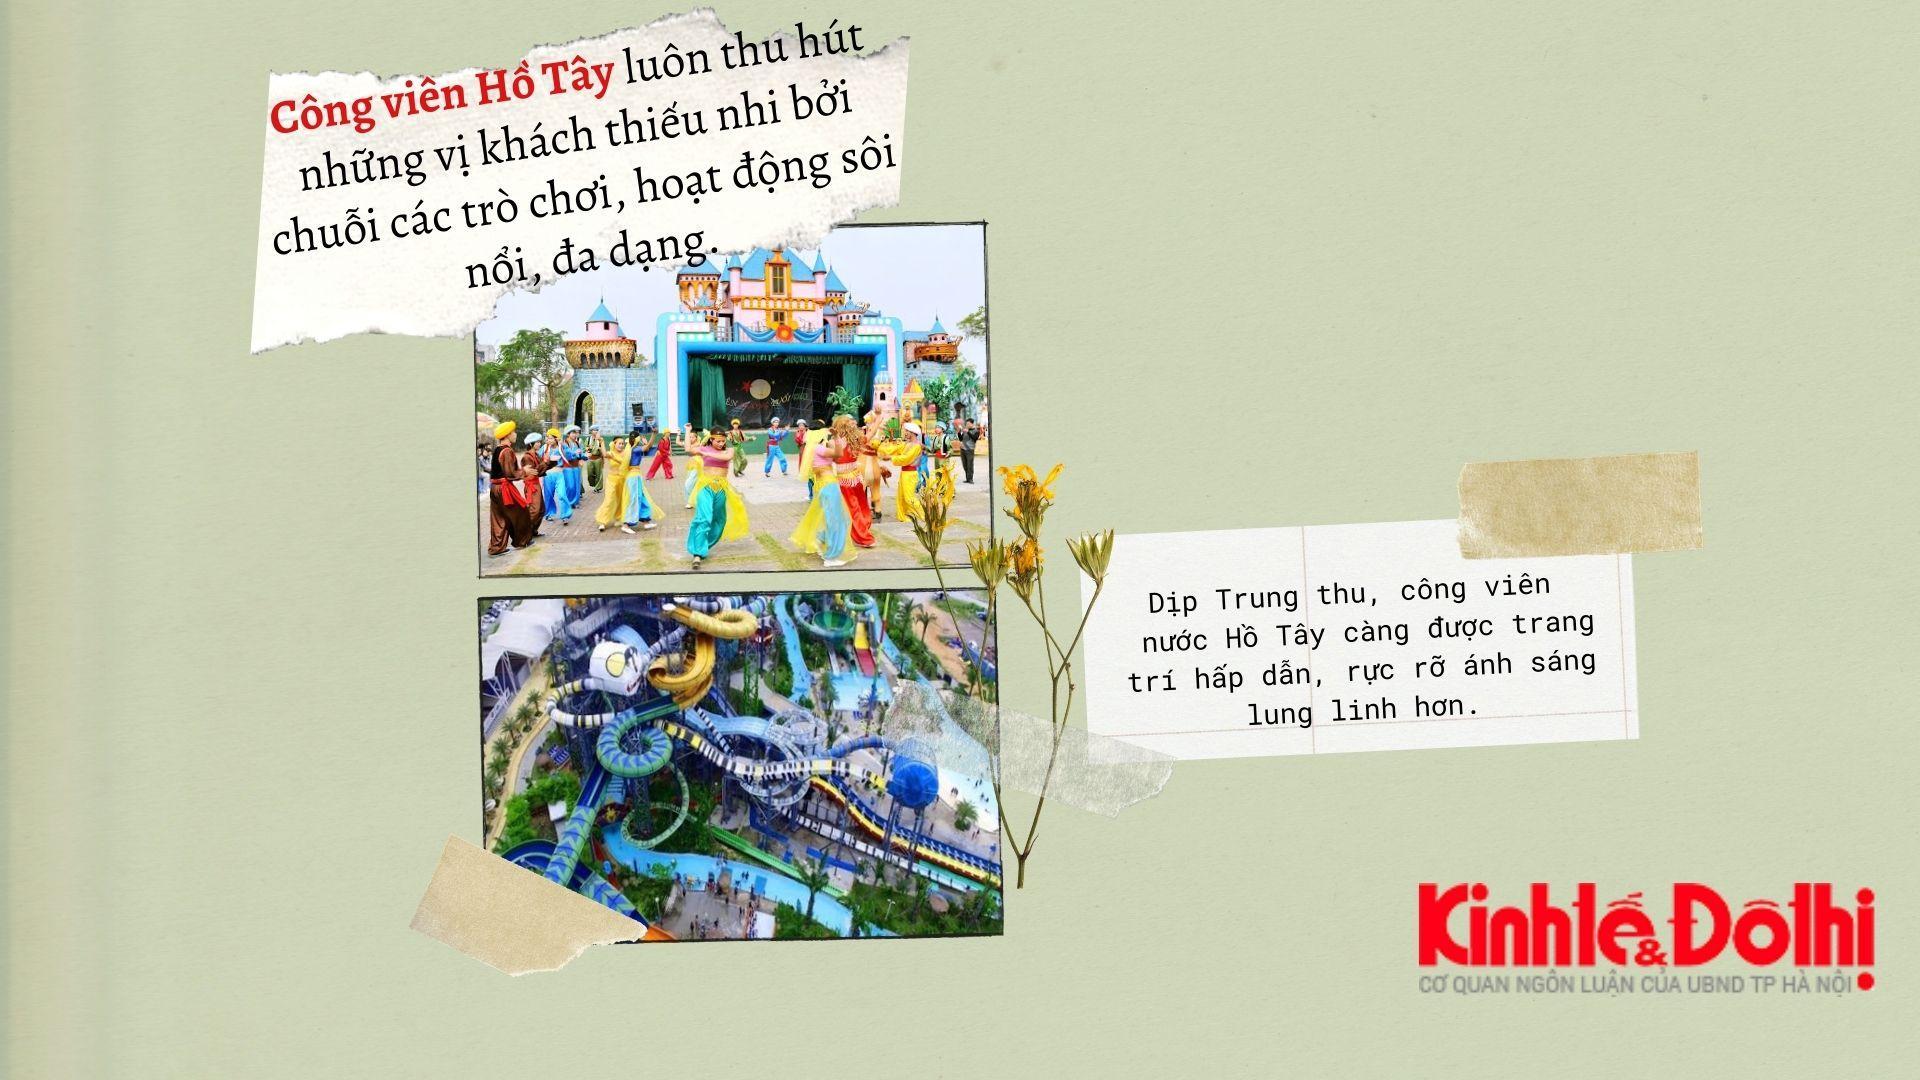 Những địa điểm đi chơi Trung thu thú vị nhất ở Hà Nội Ảnh 6